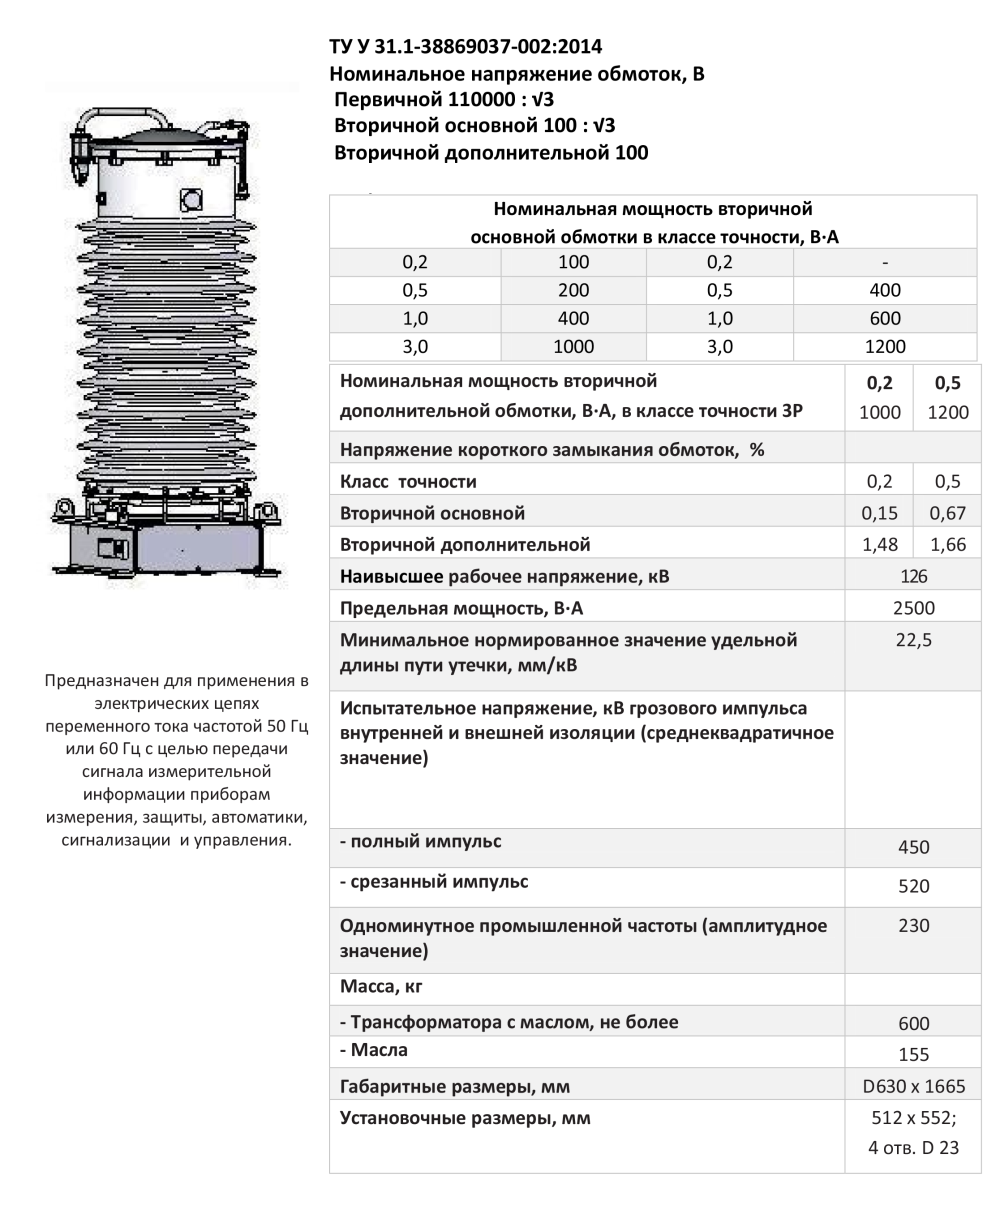 НКФ – 123 II У1, НКФ – 123 II ХЛ1